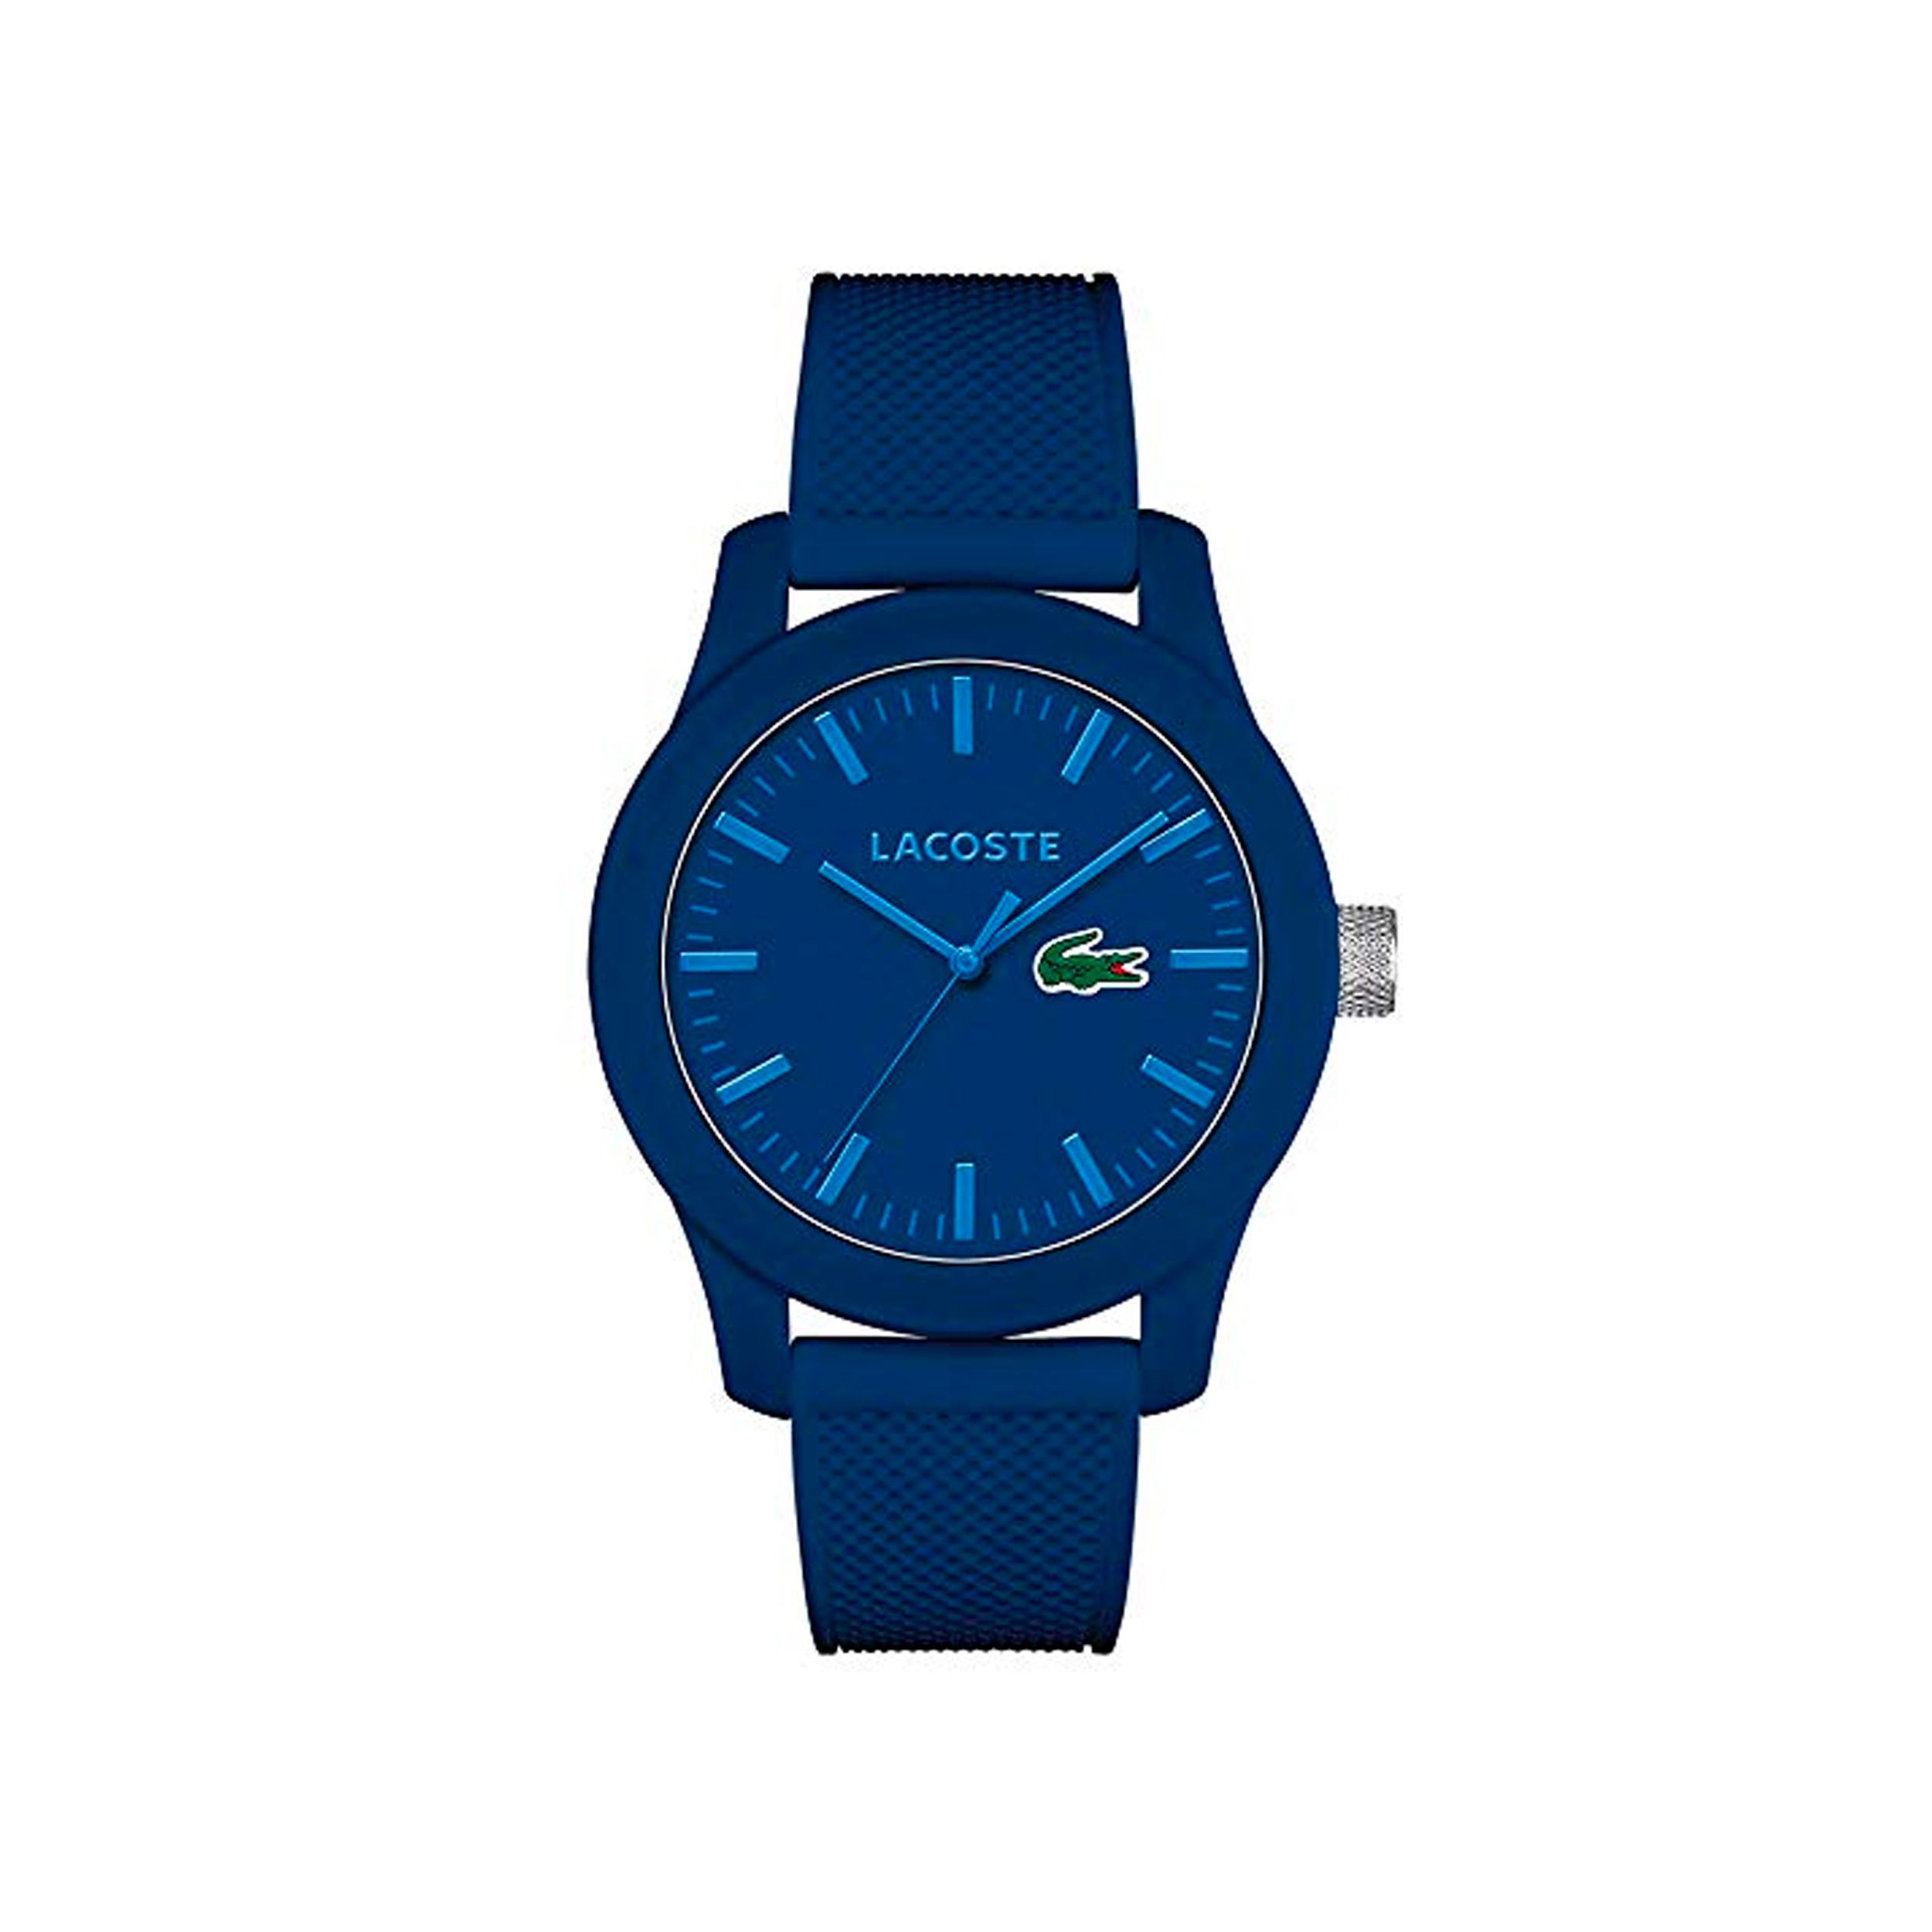 ساعت مچی عقربه ای مردانه لاگوست مدل 2010765              خرید (⭐️⭐️⭐️)